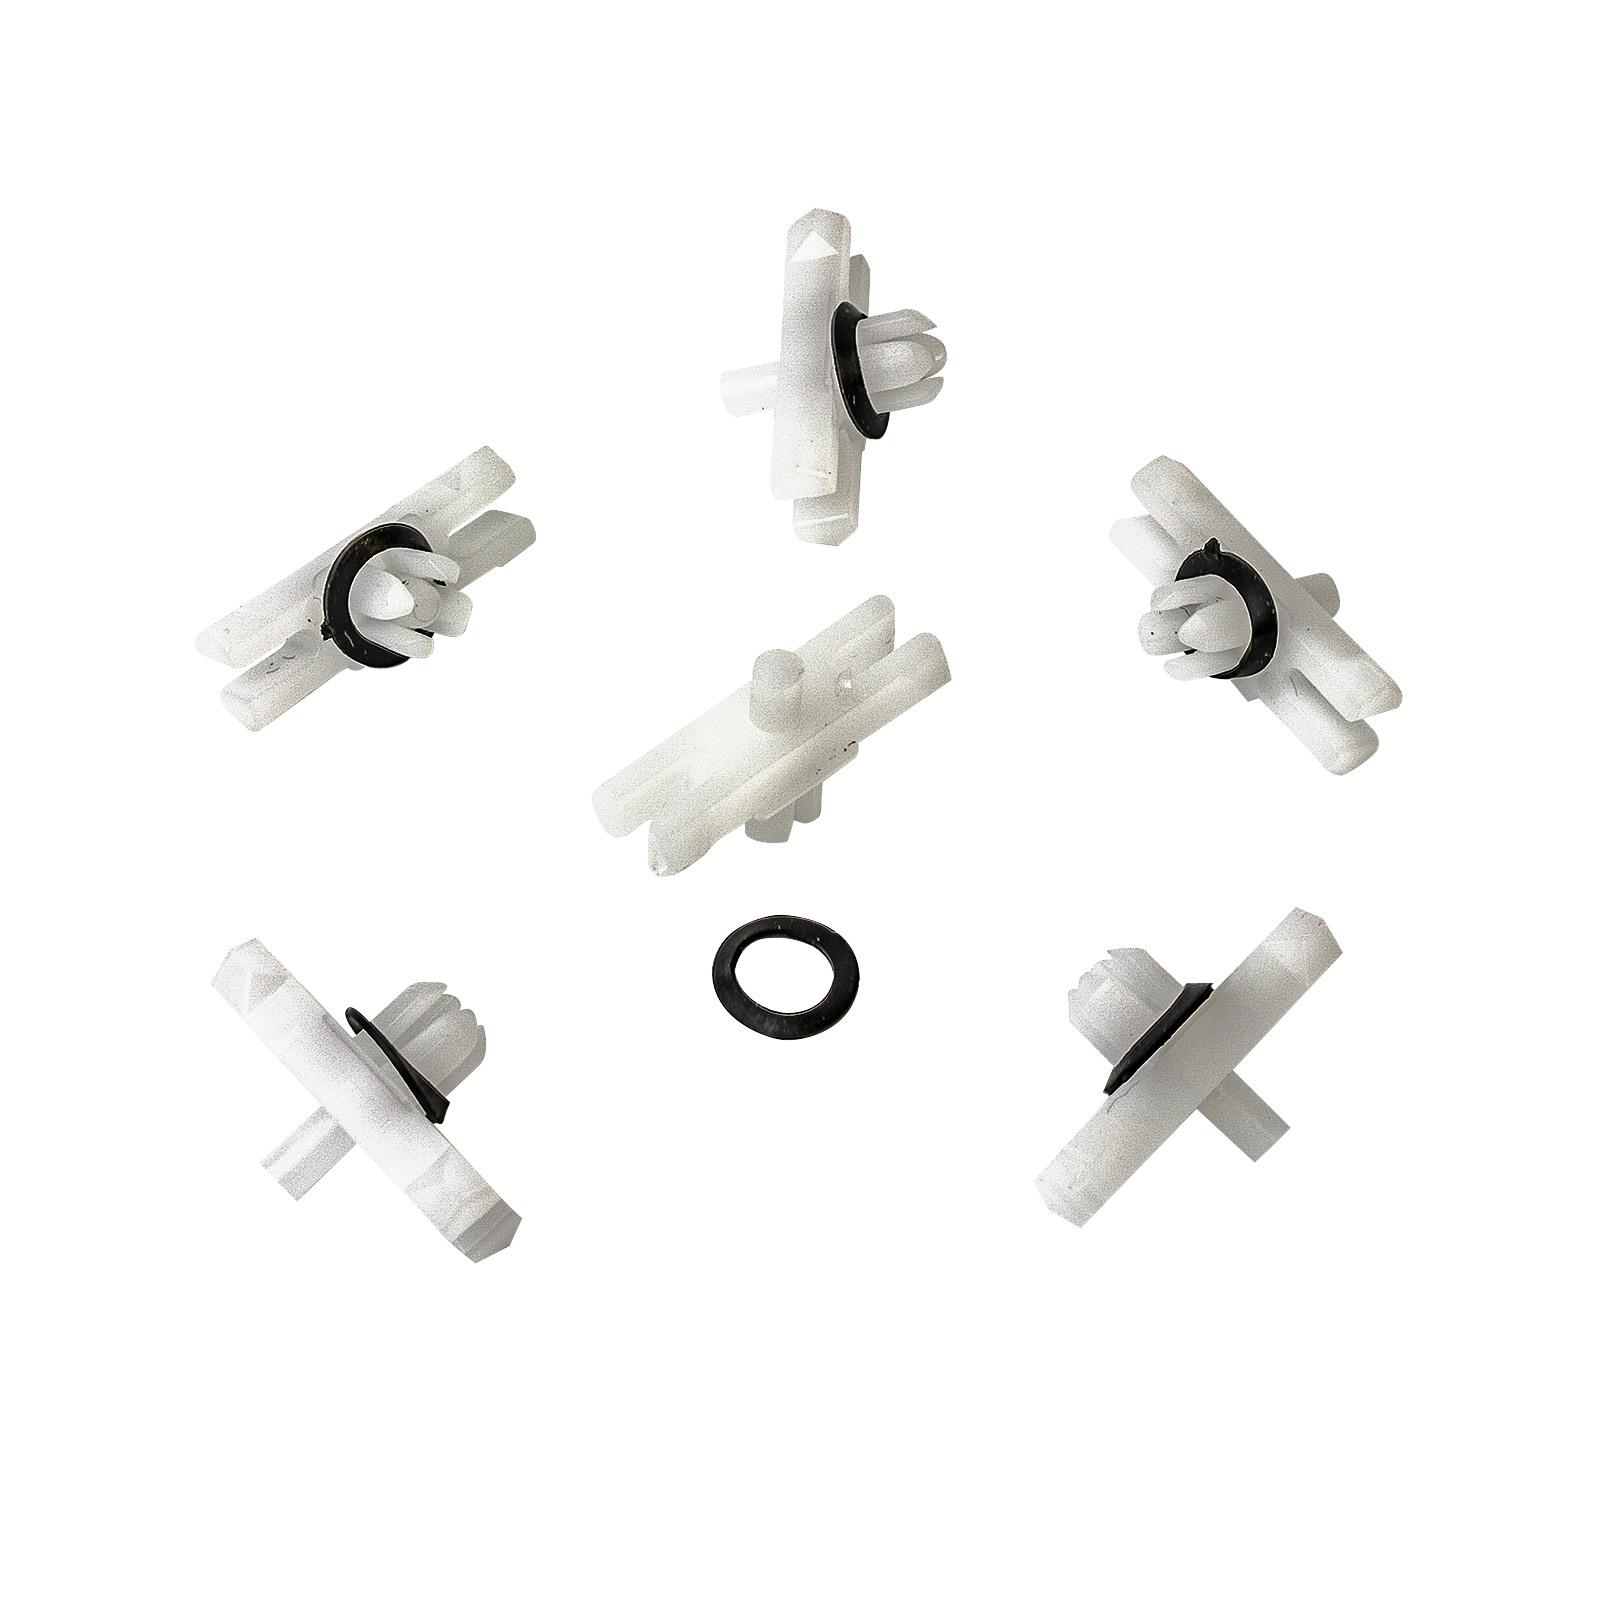 10X  Clips  Zierleistenklammer mit Tülle Dichtung VW  Passat 3B2 3B3 3B5 3B6